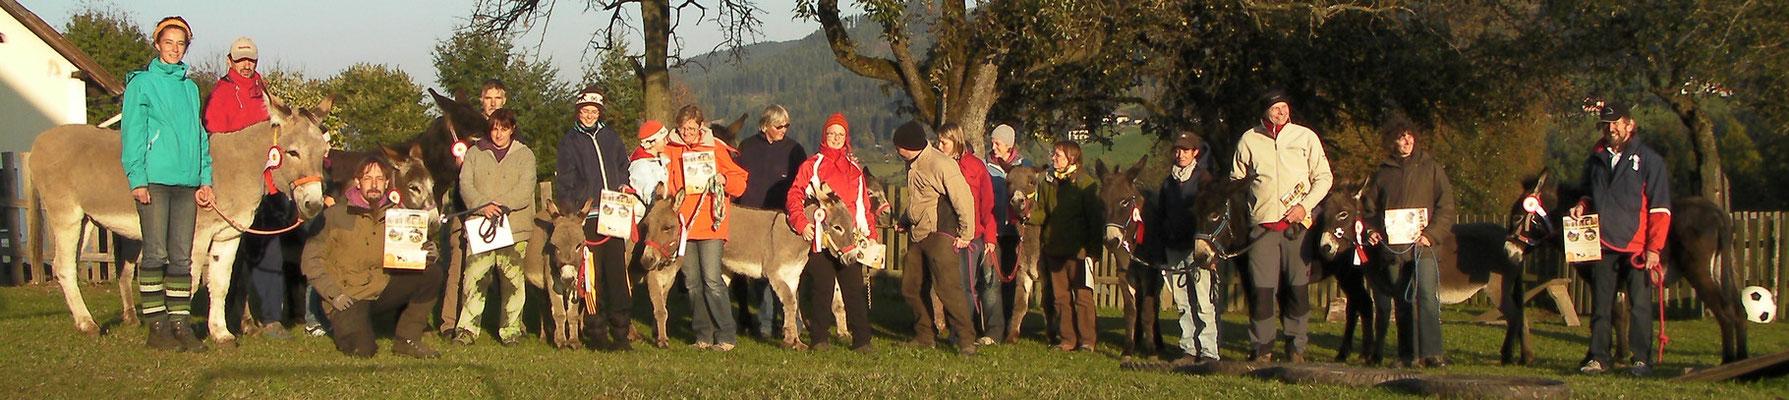 Oder wie hier: alle Teilnehmer - 14 Esel und 19 Menschen - vom Mixkurs in Österreich auf  Tschipsiländ am 15. und 16. Oktober 2011.